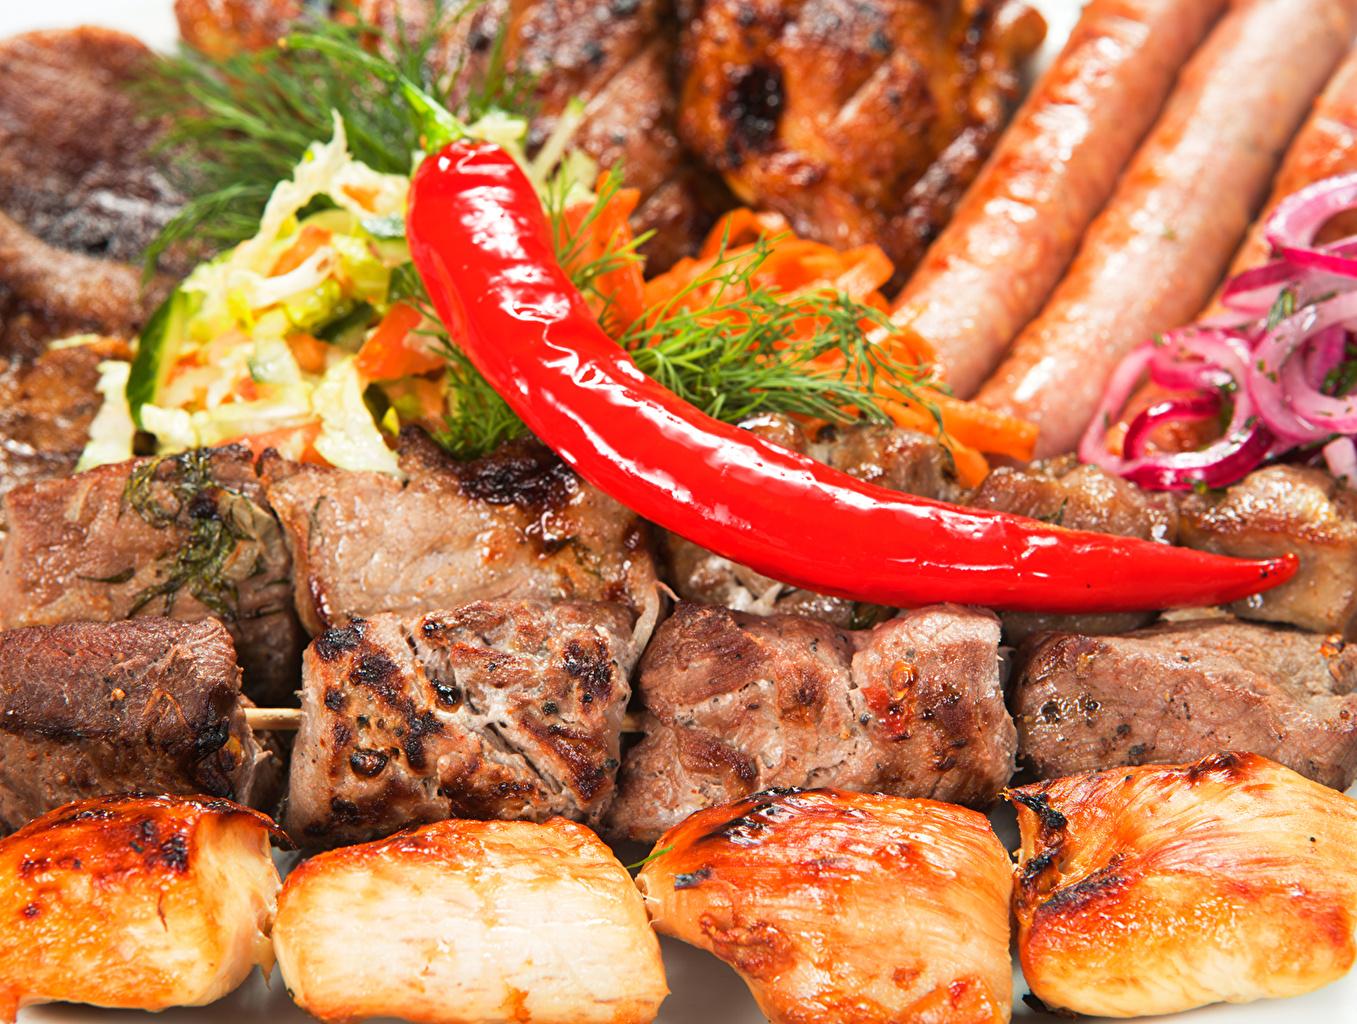 Hintergrundbilder Schaschlik Chili Pfeffer Frankfurter Würstel Peperone Lebensmittel Fleischwaren Wiener Würstchen